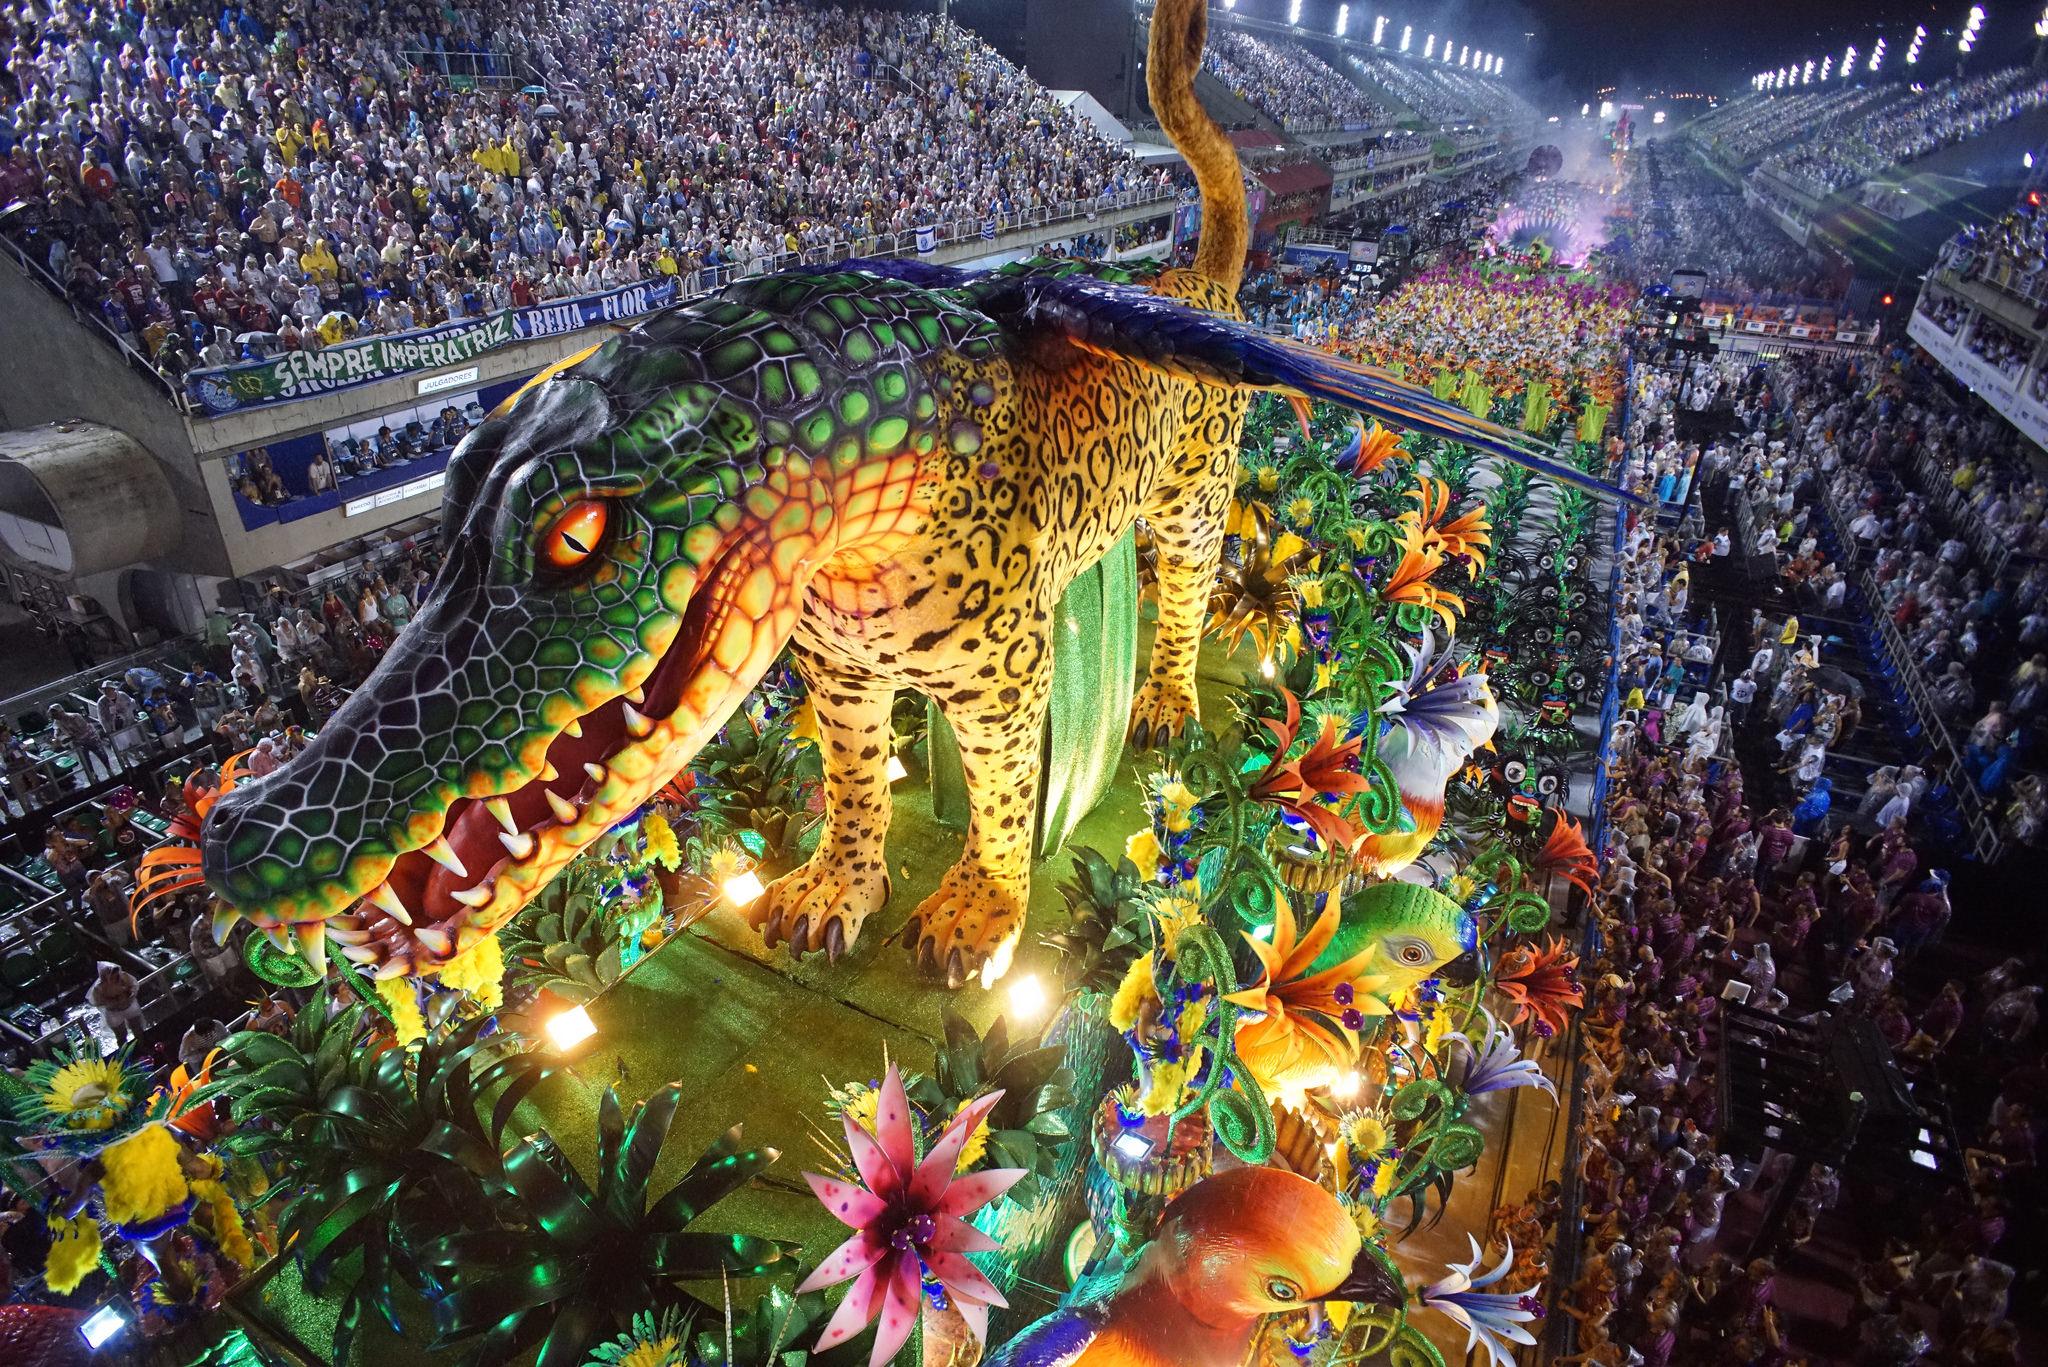 Rio de Janeiro, Rio News, Brazil News, Brazil, Carnival 2018, Rio carnival, Paraíso do Tuiuti